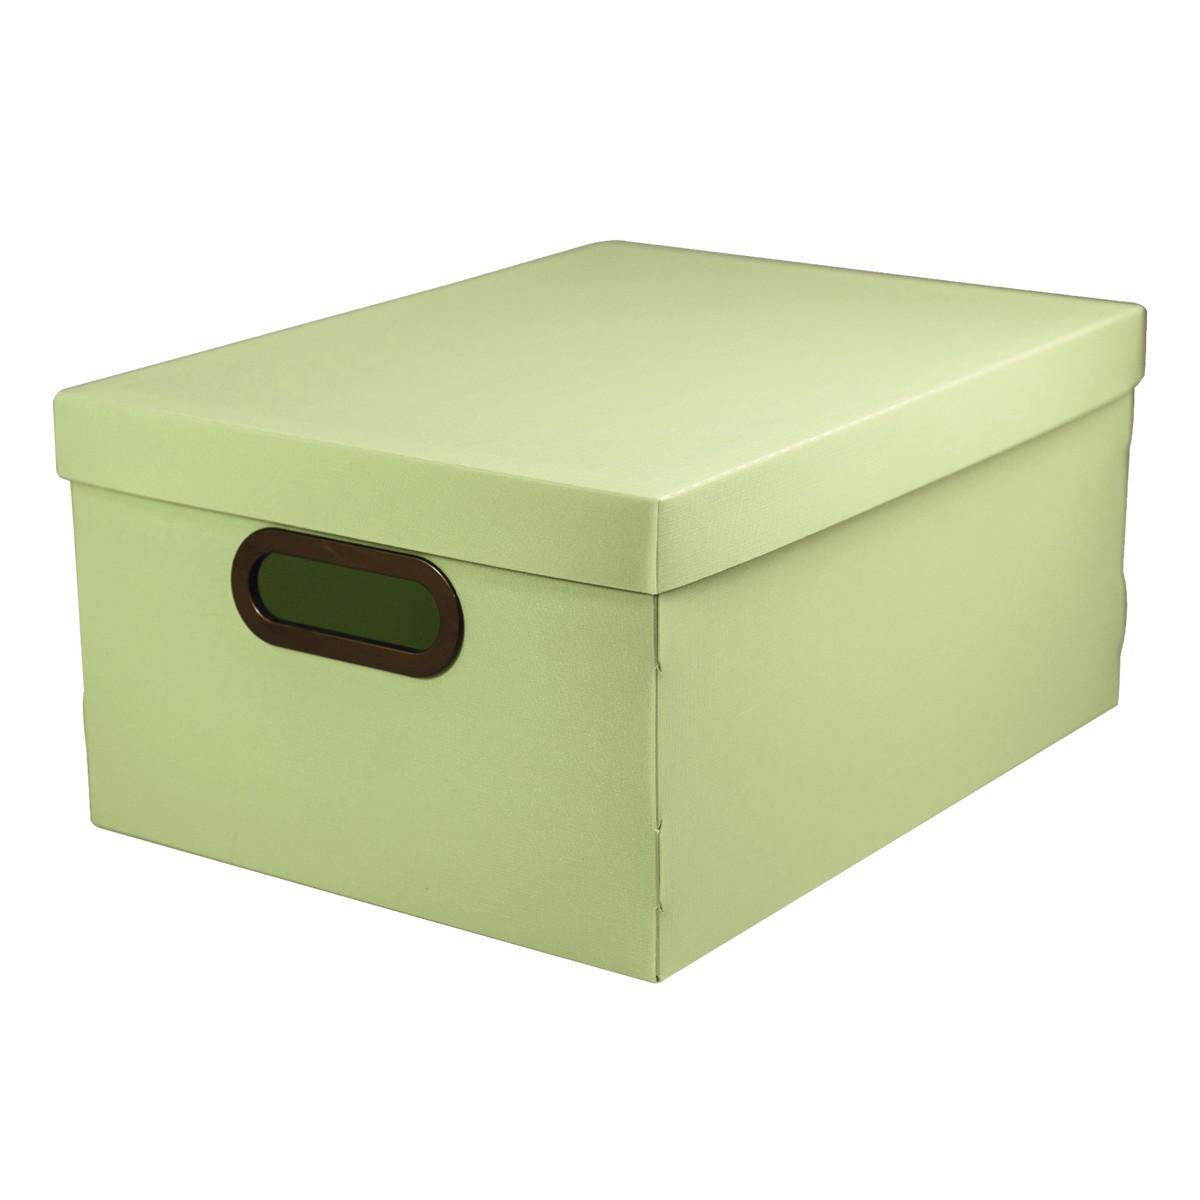 Caixa Organizadora 38x29cm Verde 2192 - Protea